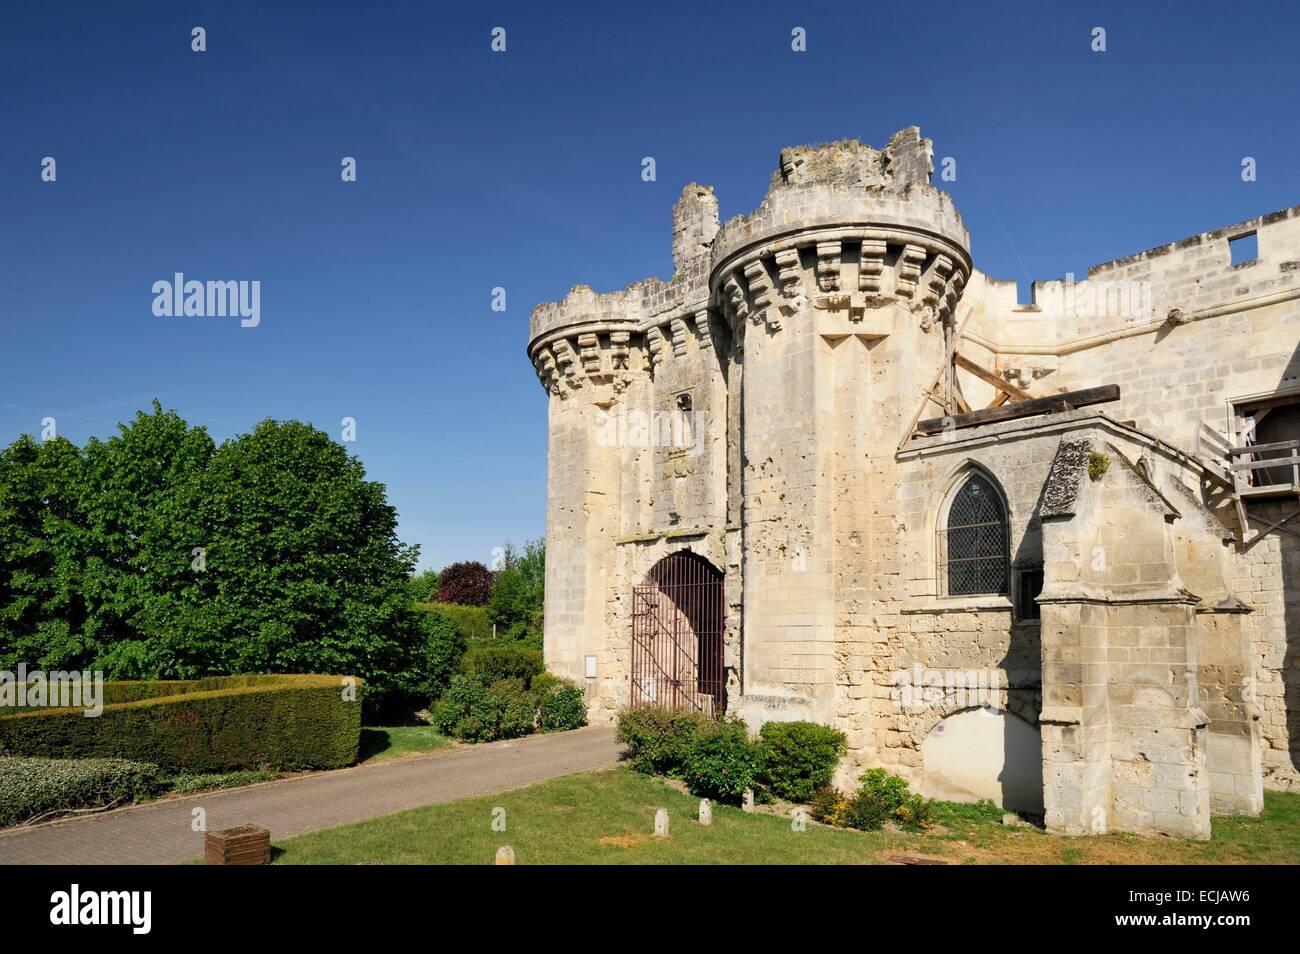 La France, l'Aisne, Berzy le sec, ruines du château construit au 13e siècle Photo Stock